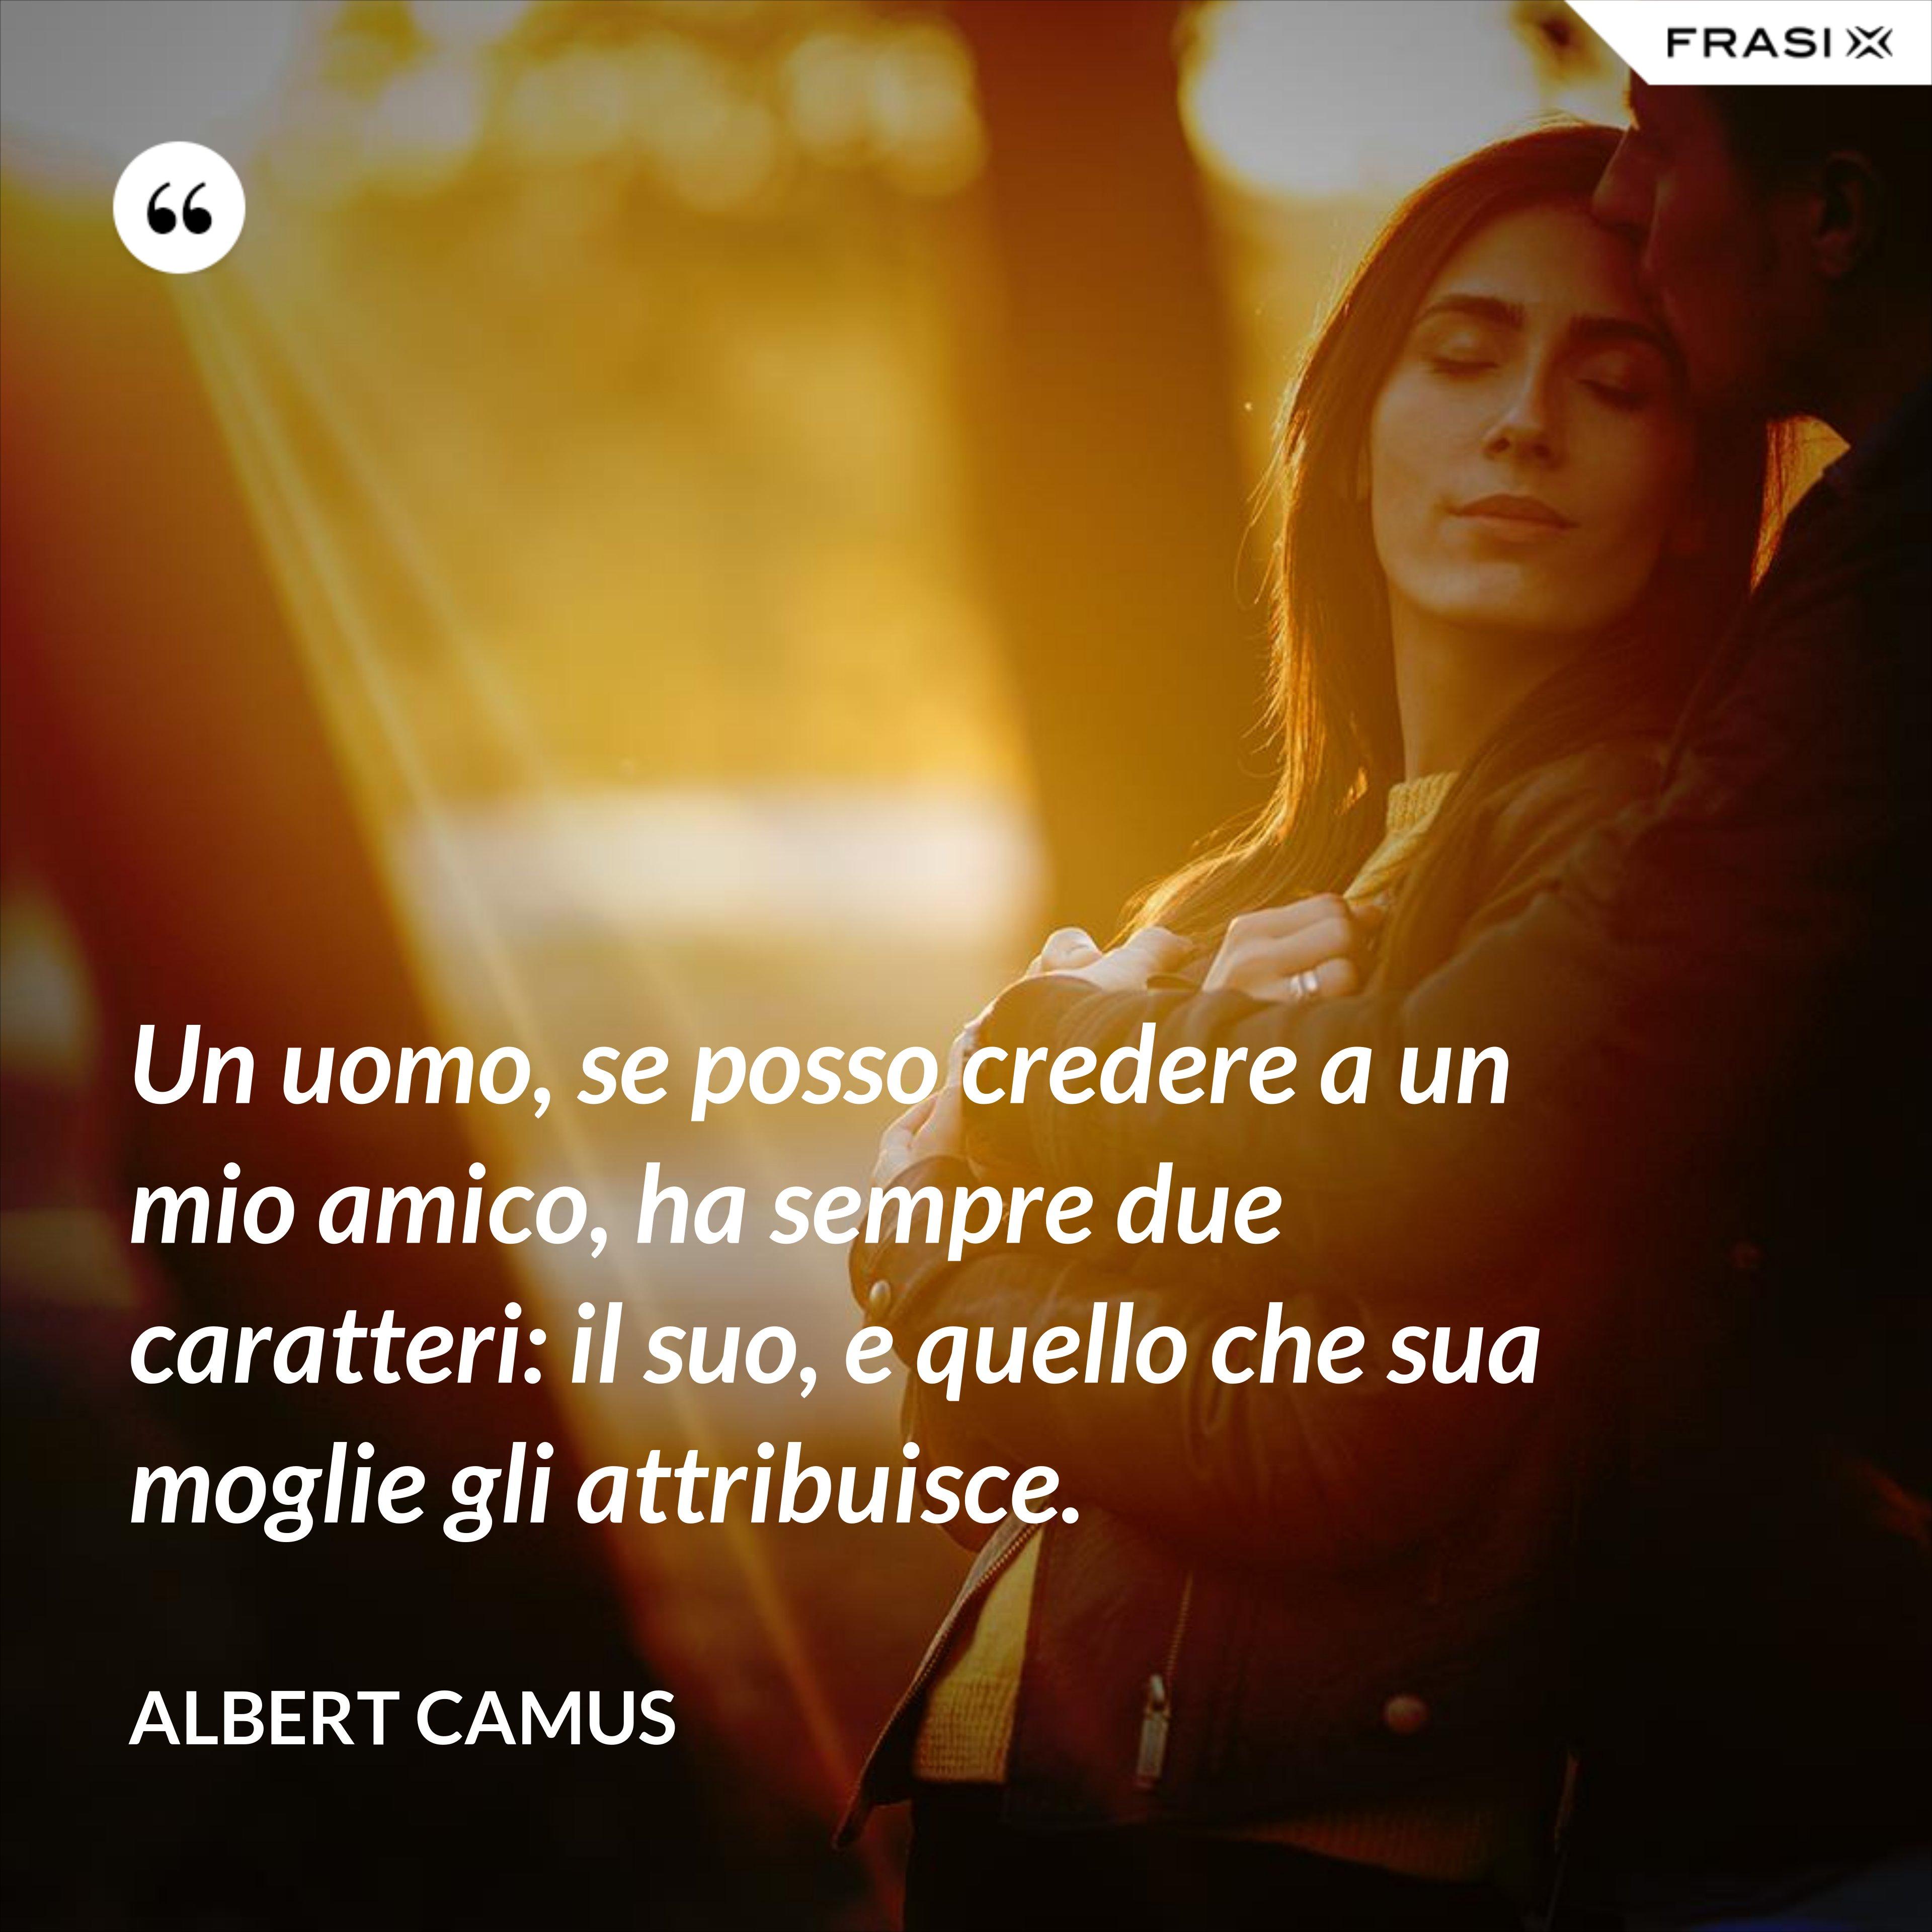 Un uomo, se posso credere a un mio amico, ha sempre due caratteri: il suo, e quello che sua moglie gli attribuisce. - Albert Camus